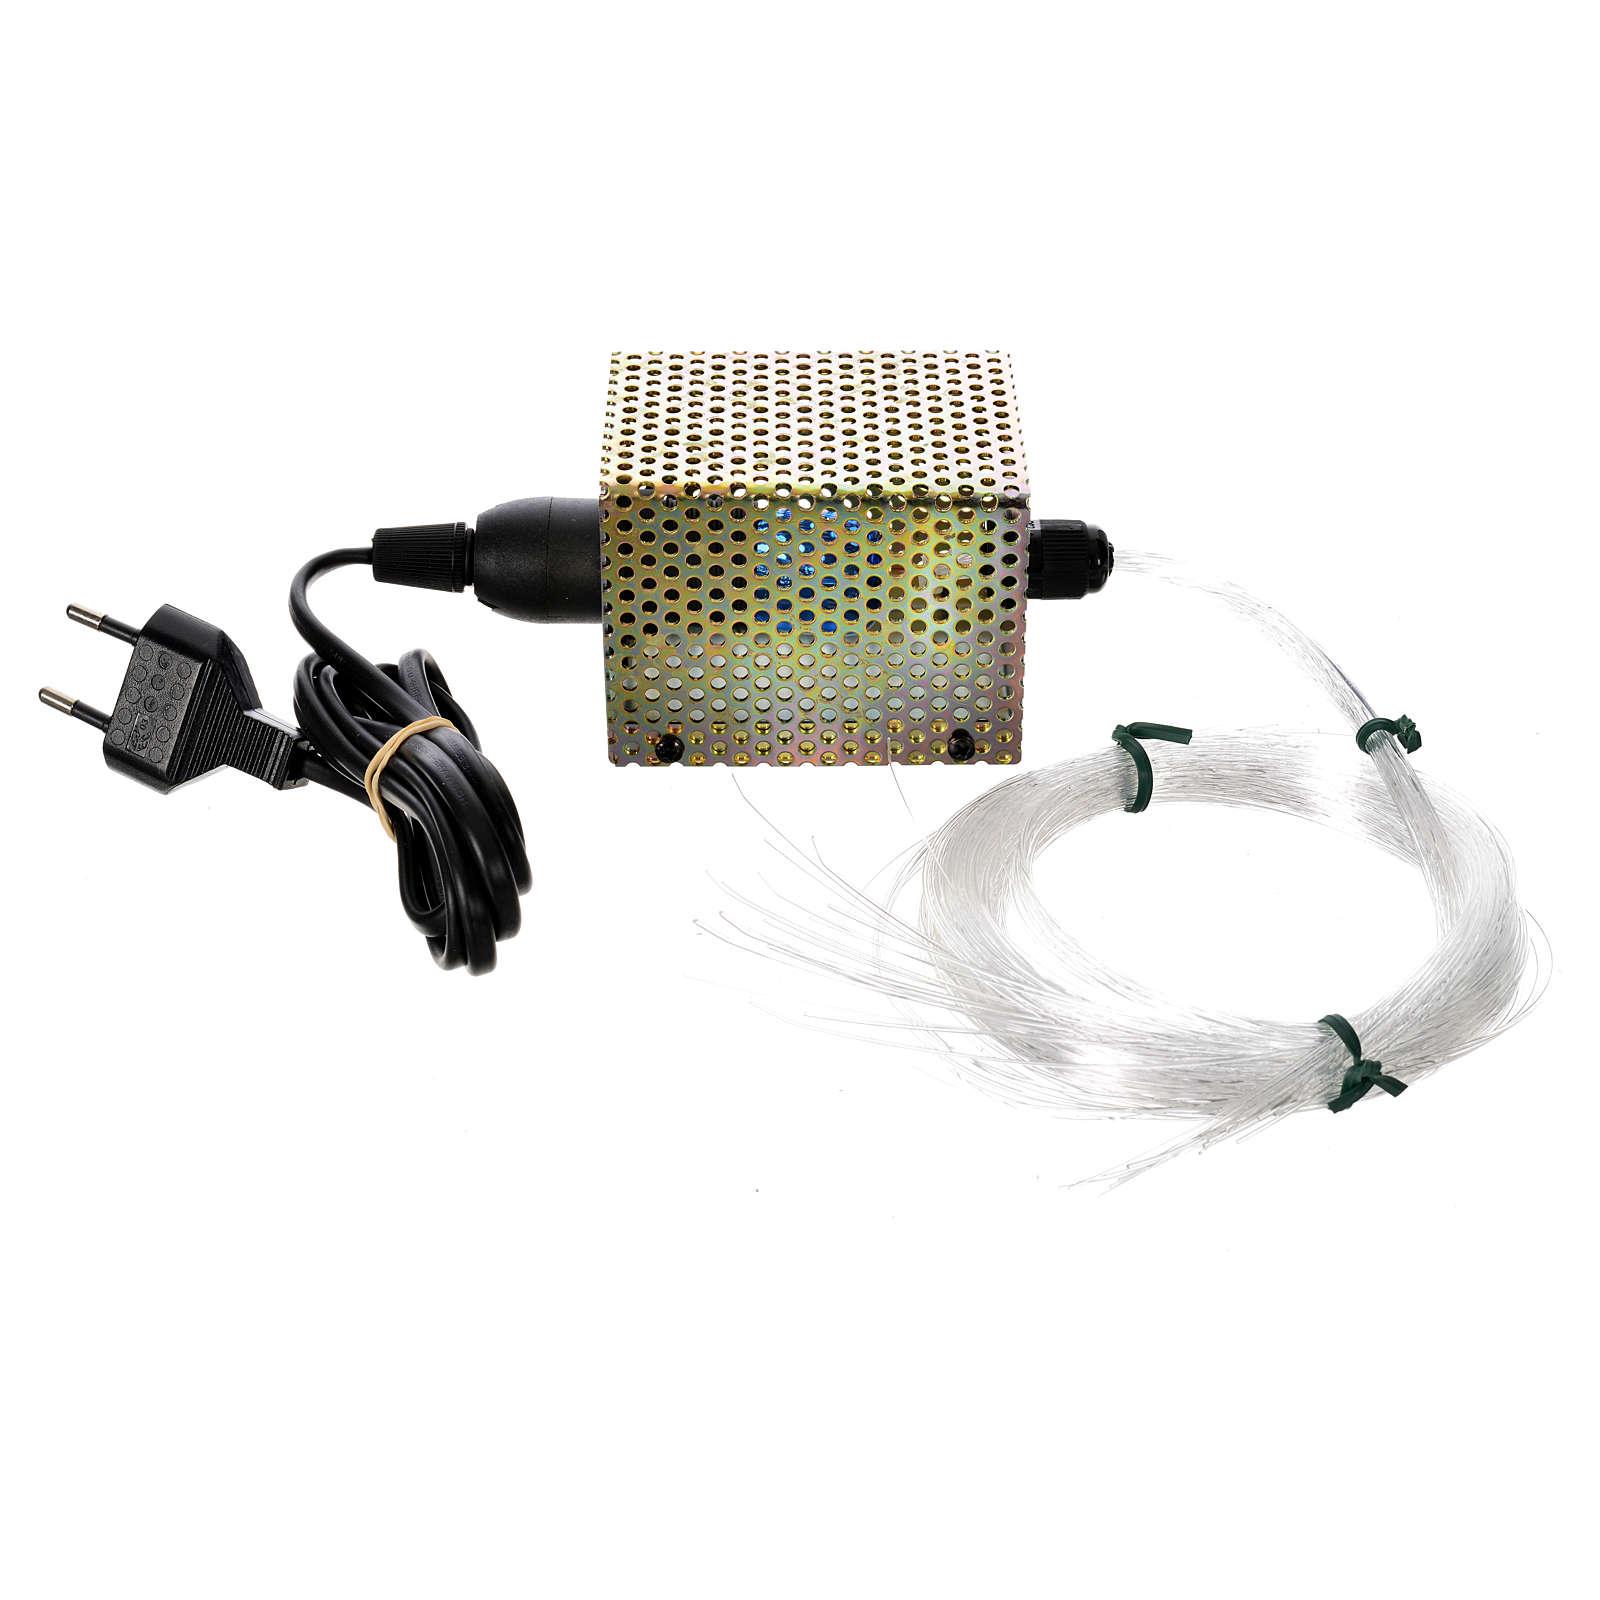 Stelle a fibra ottica 50 fili 25W 220V 4